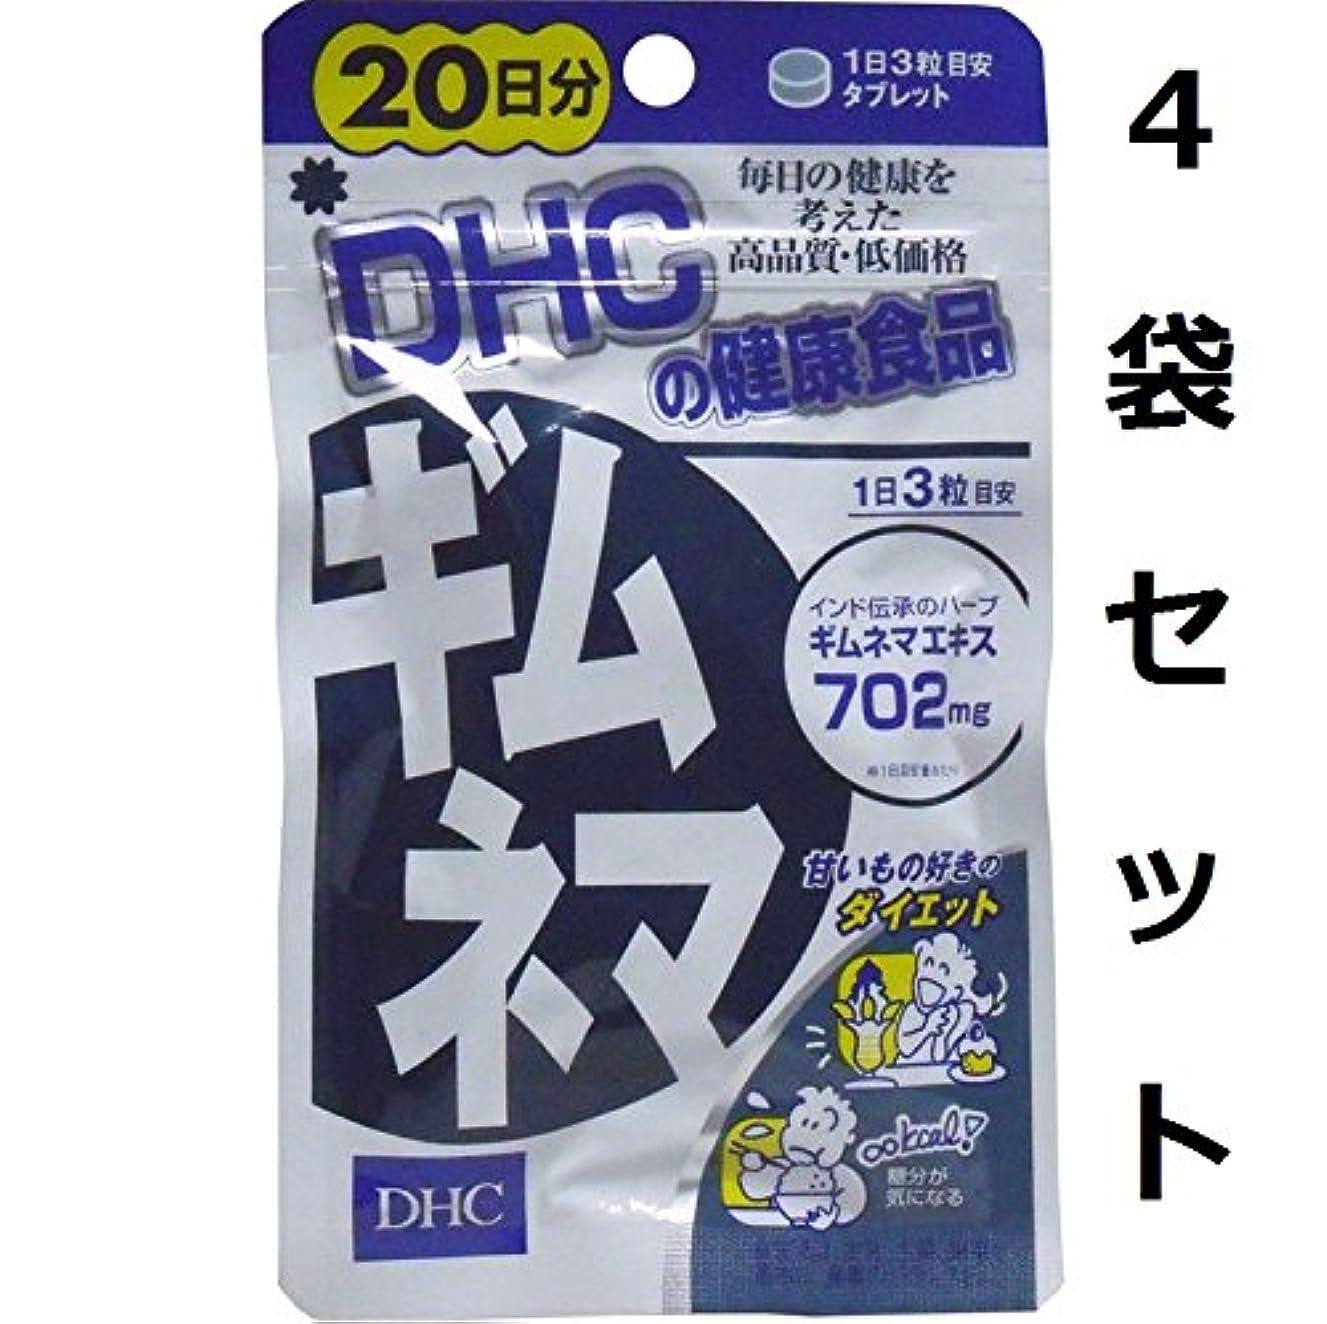 花弁多年生補体糖分や炭水化物を多く摂る人に DHC ギムネマ 20日分 60粒 4袋セット